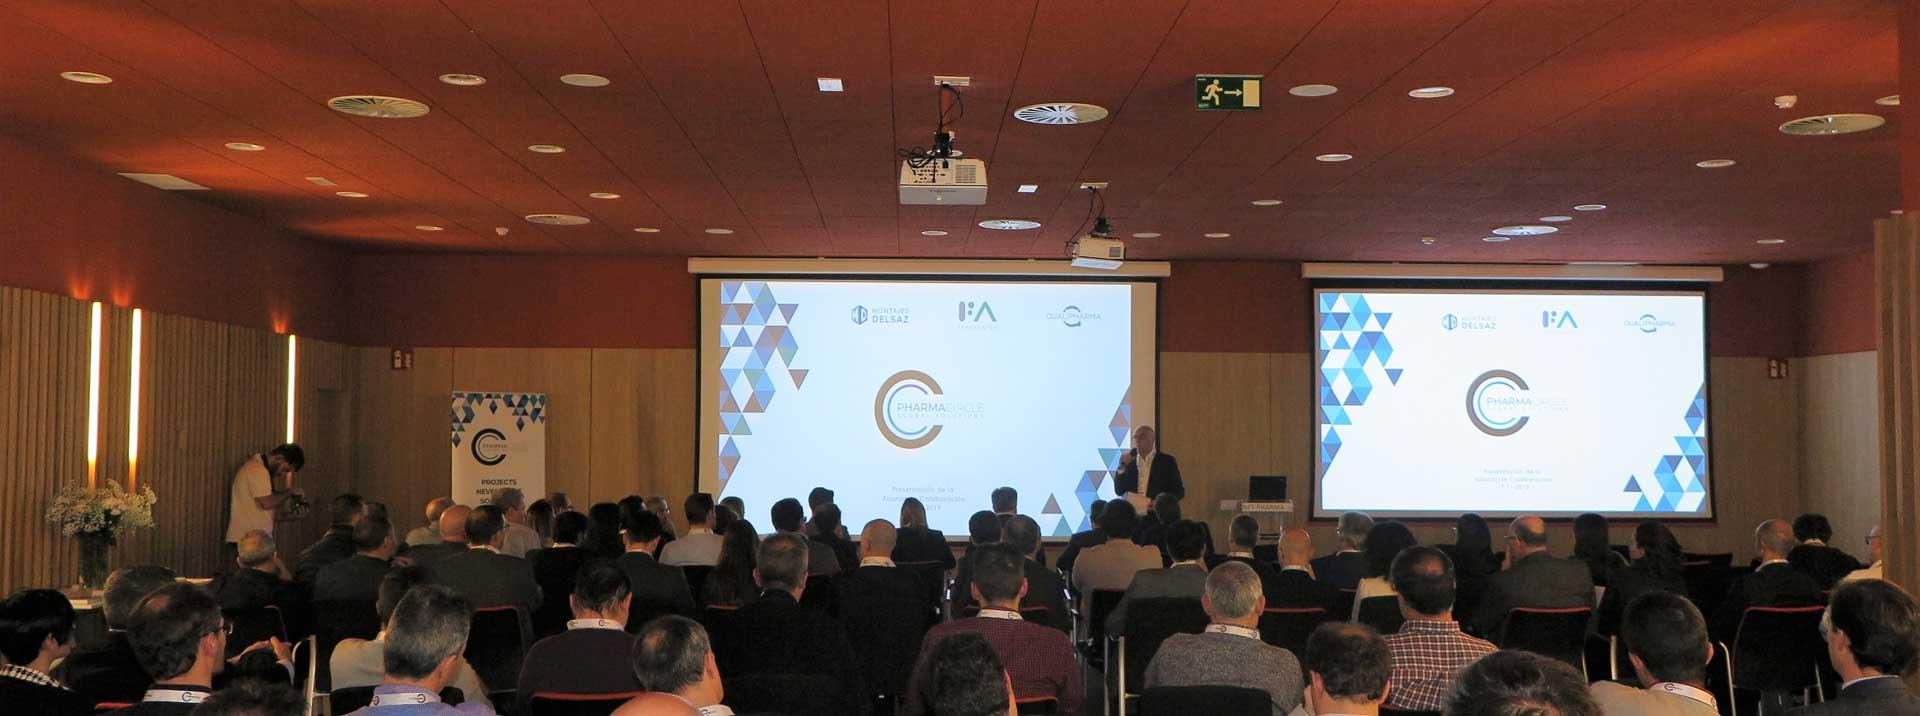 Montajes Delsaz presenta su nueva alianza estratégica: Pharma Circle Global Solutions